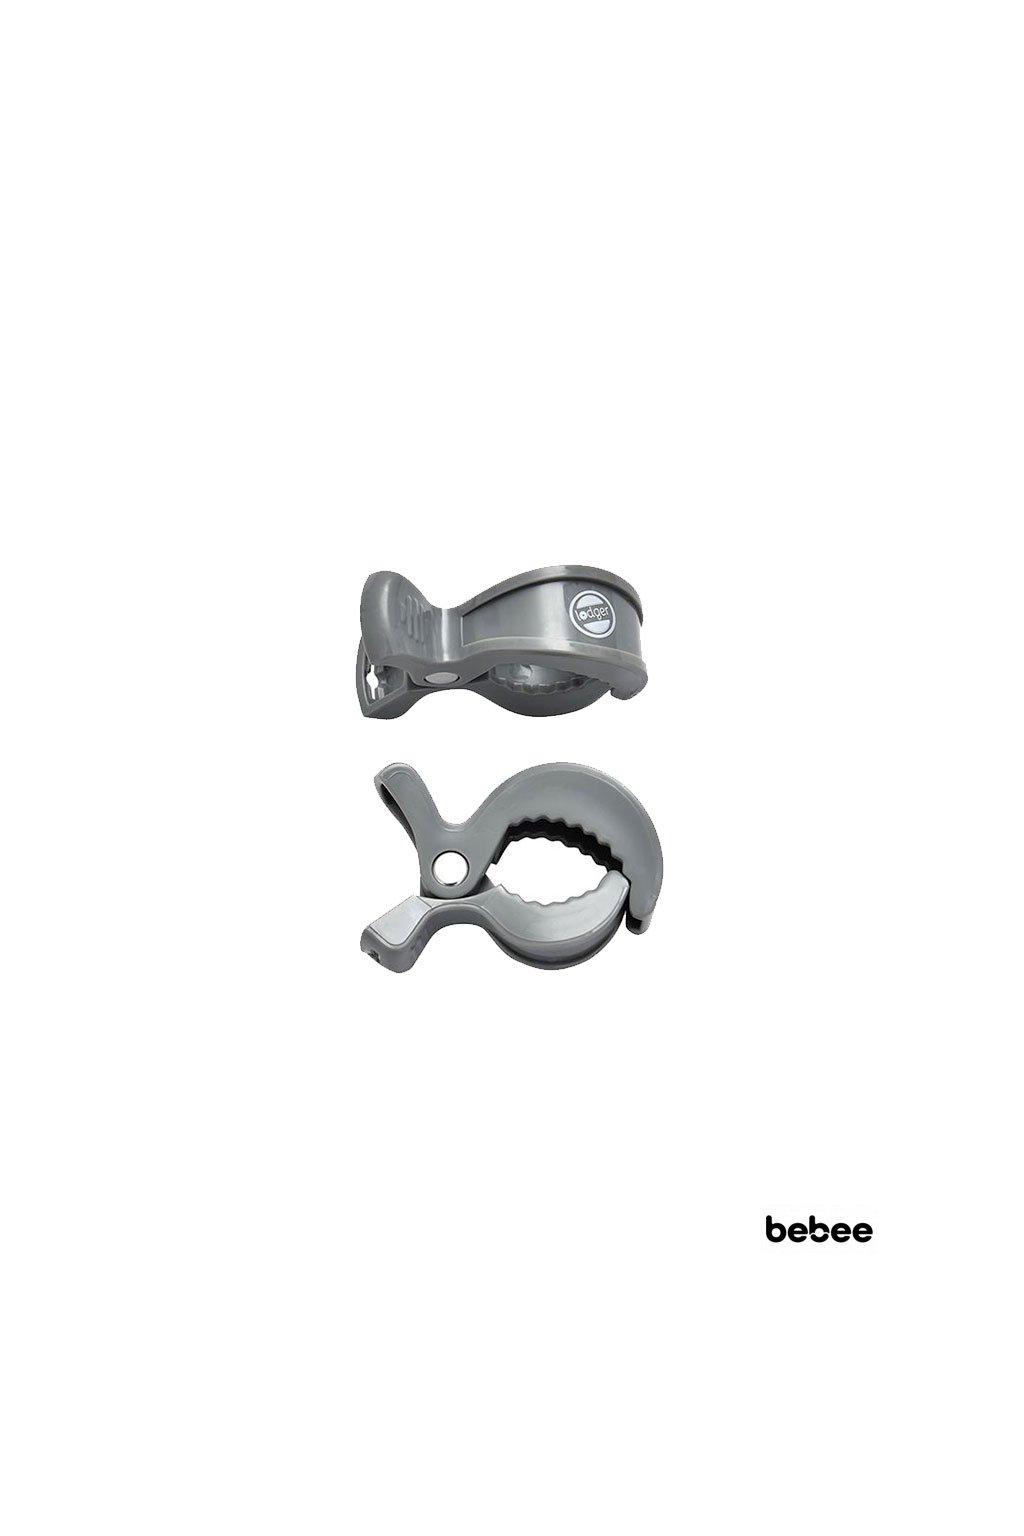 multifunkcny stipec swaddle clip carbon 2 ks lodger